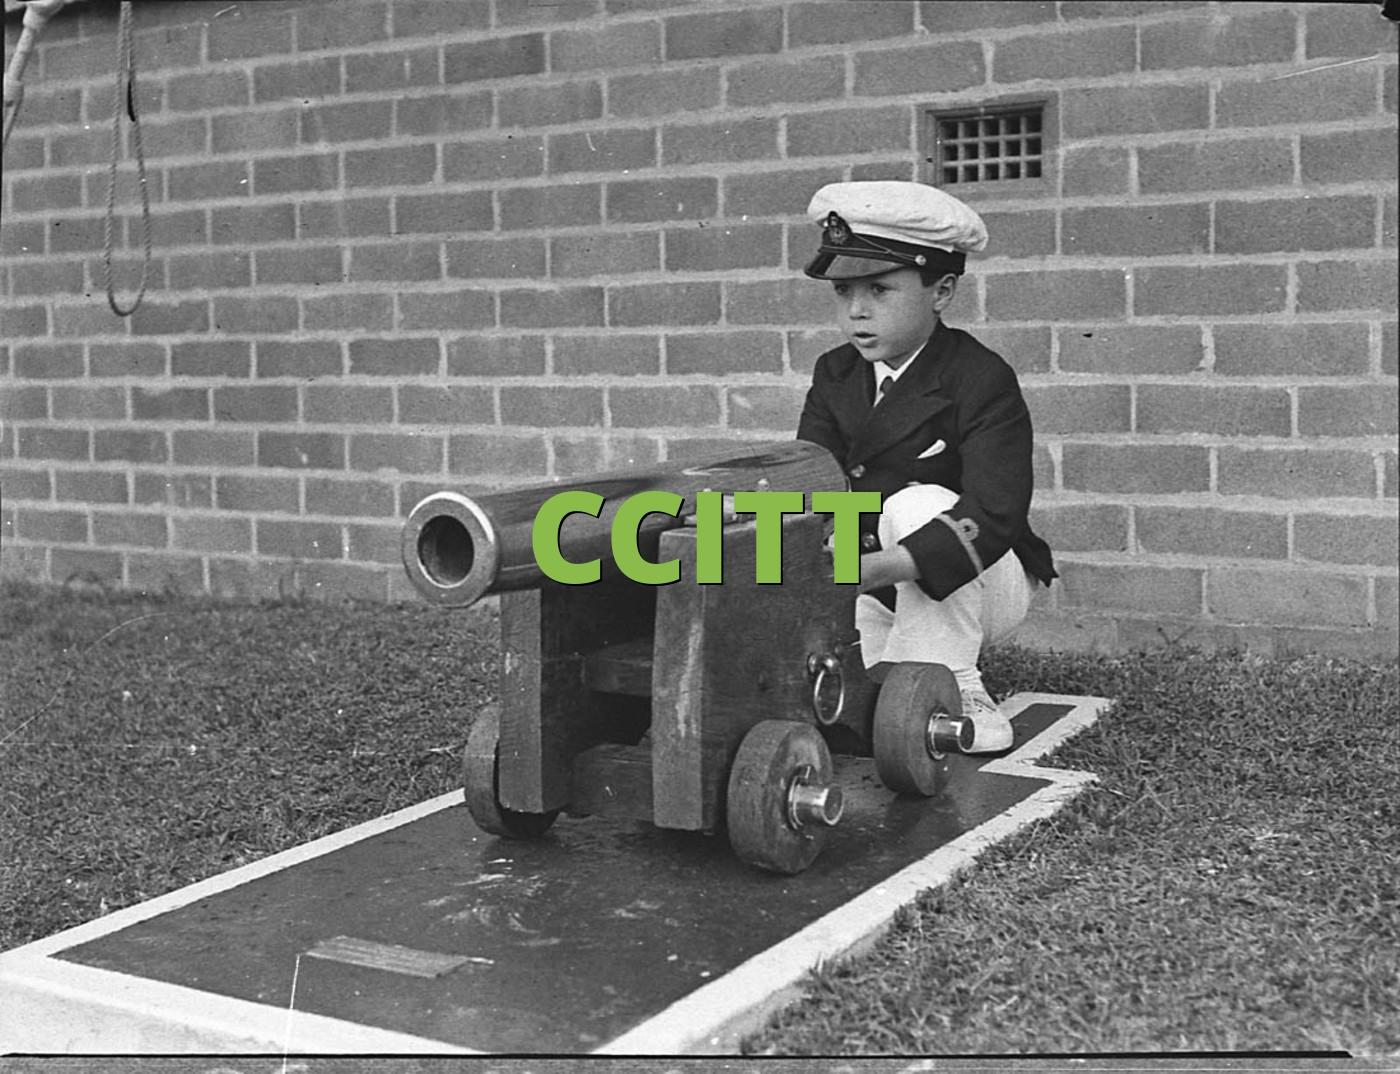 CCITT